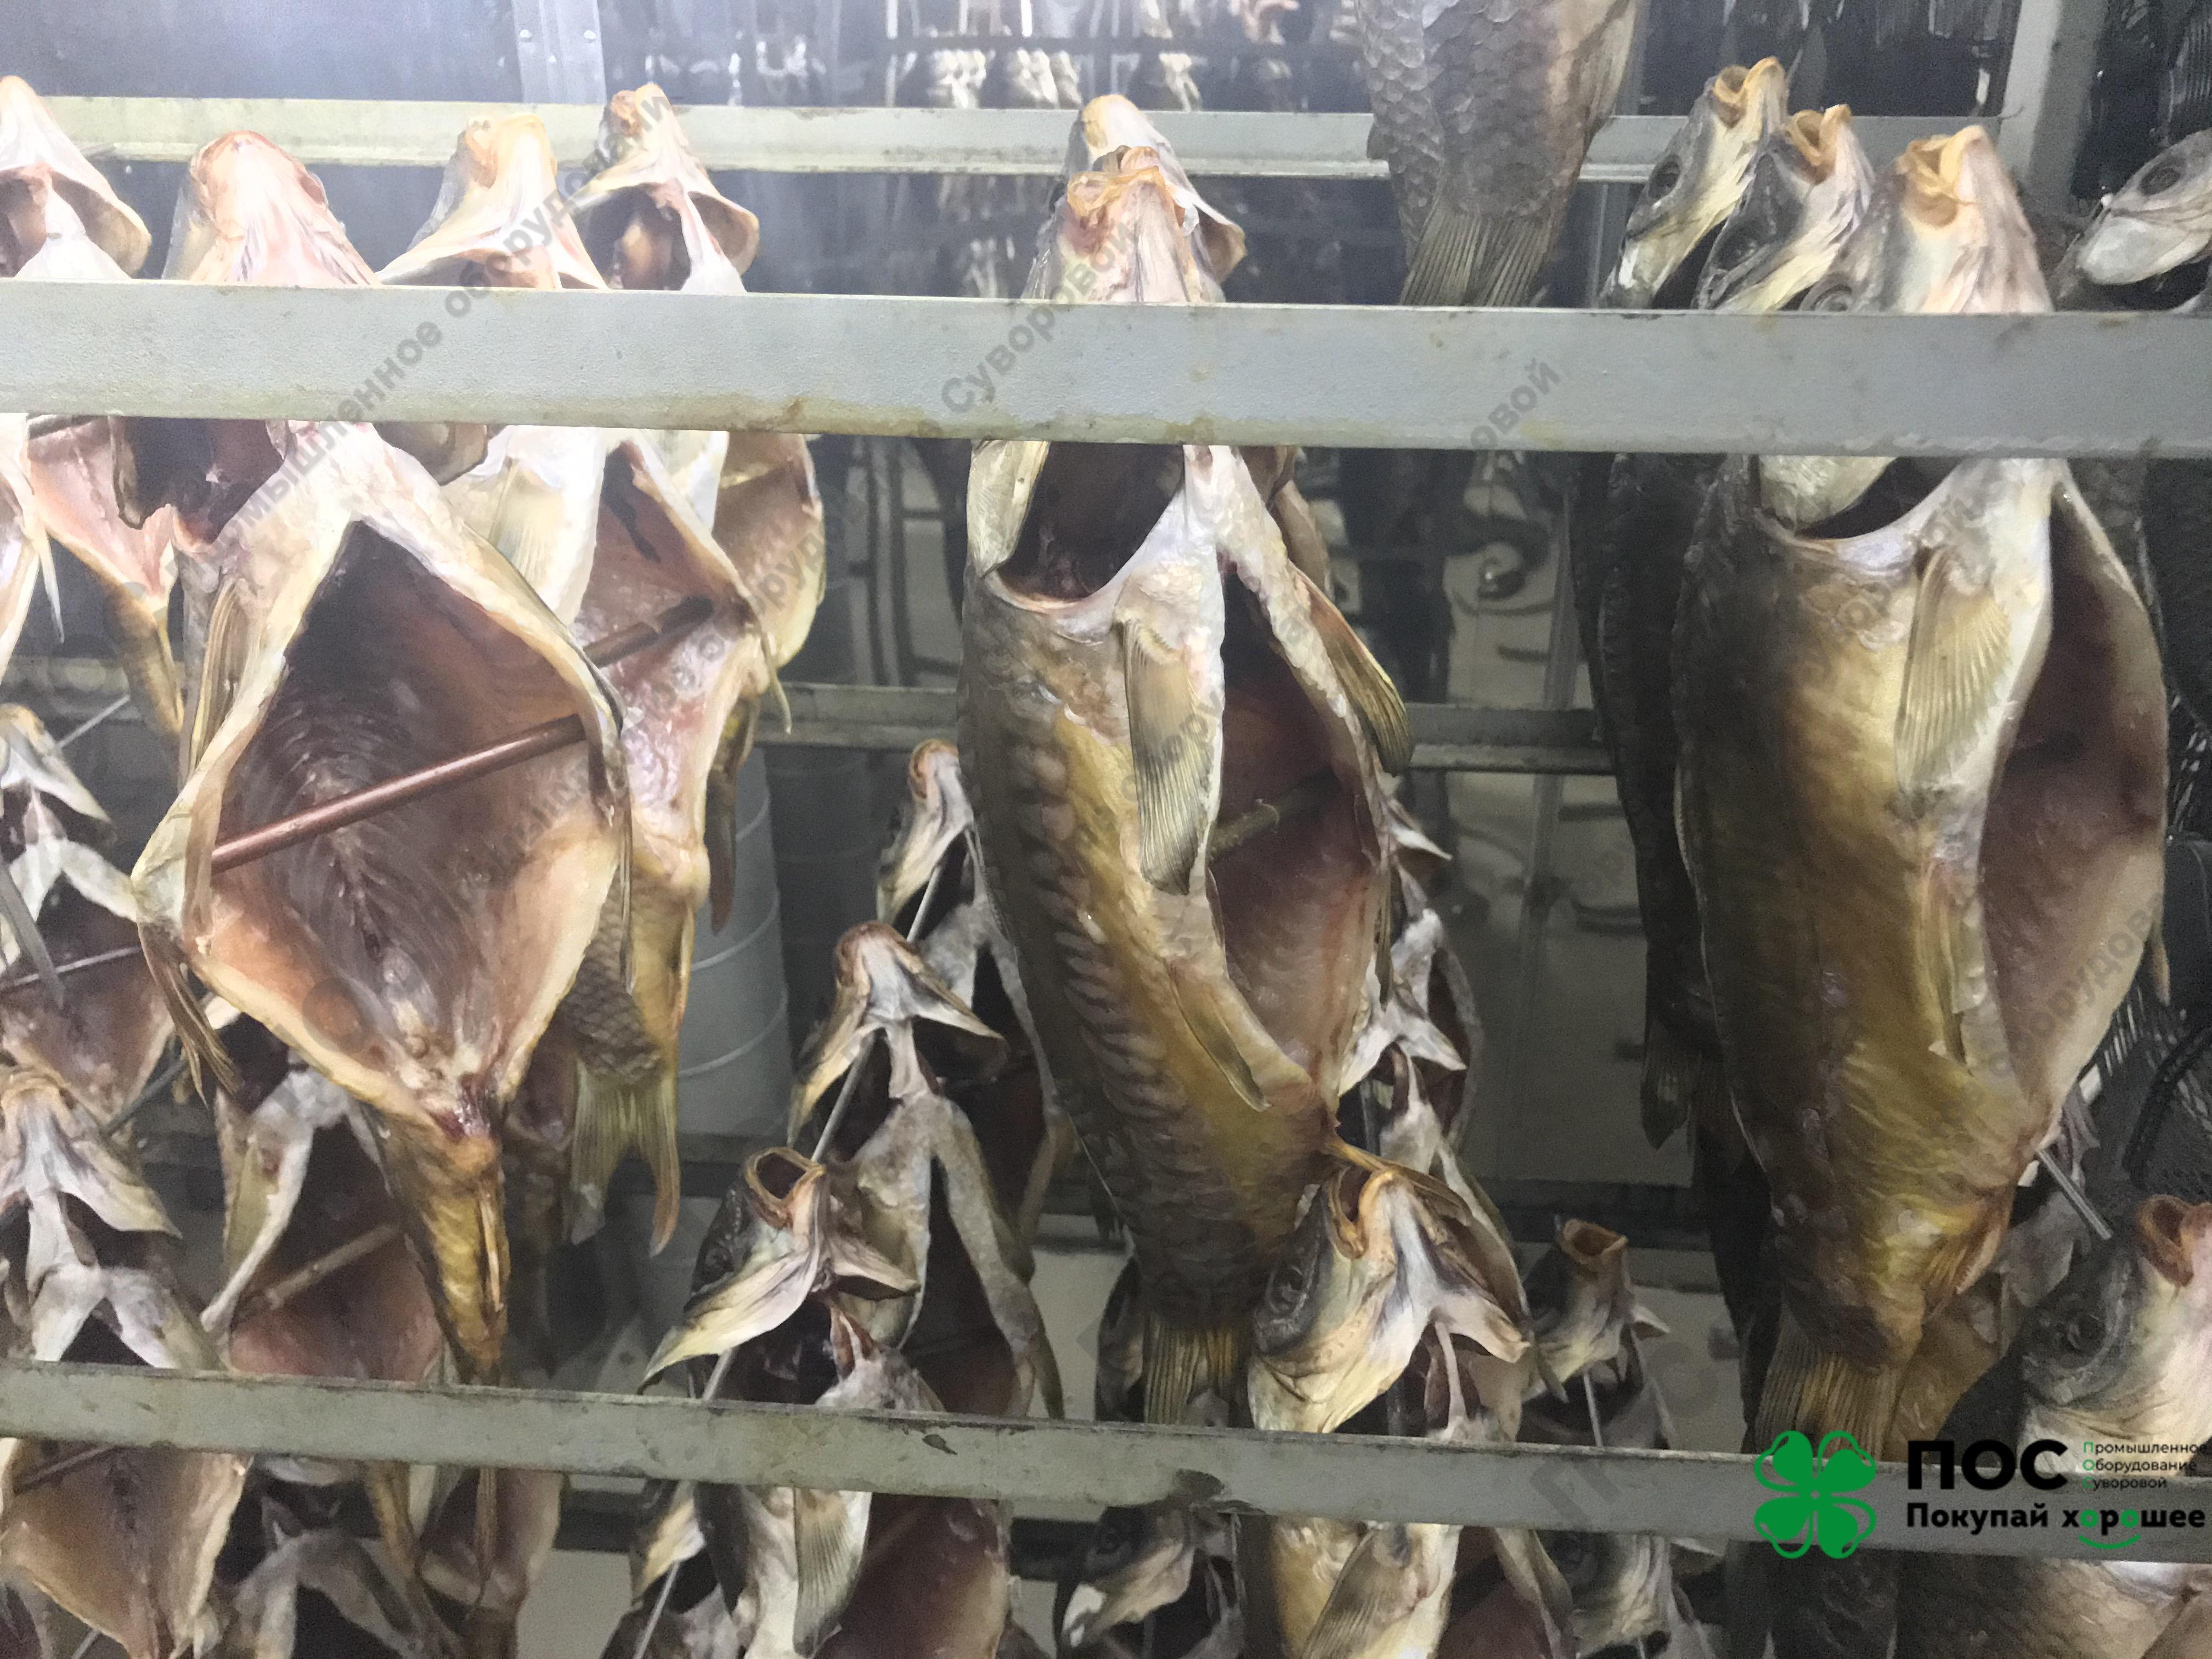 4.03.2020 / 12 часов вяления целой рыбы до товарного вида с влажностью 62,5%.